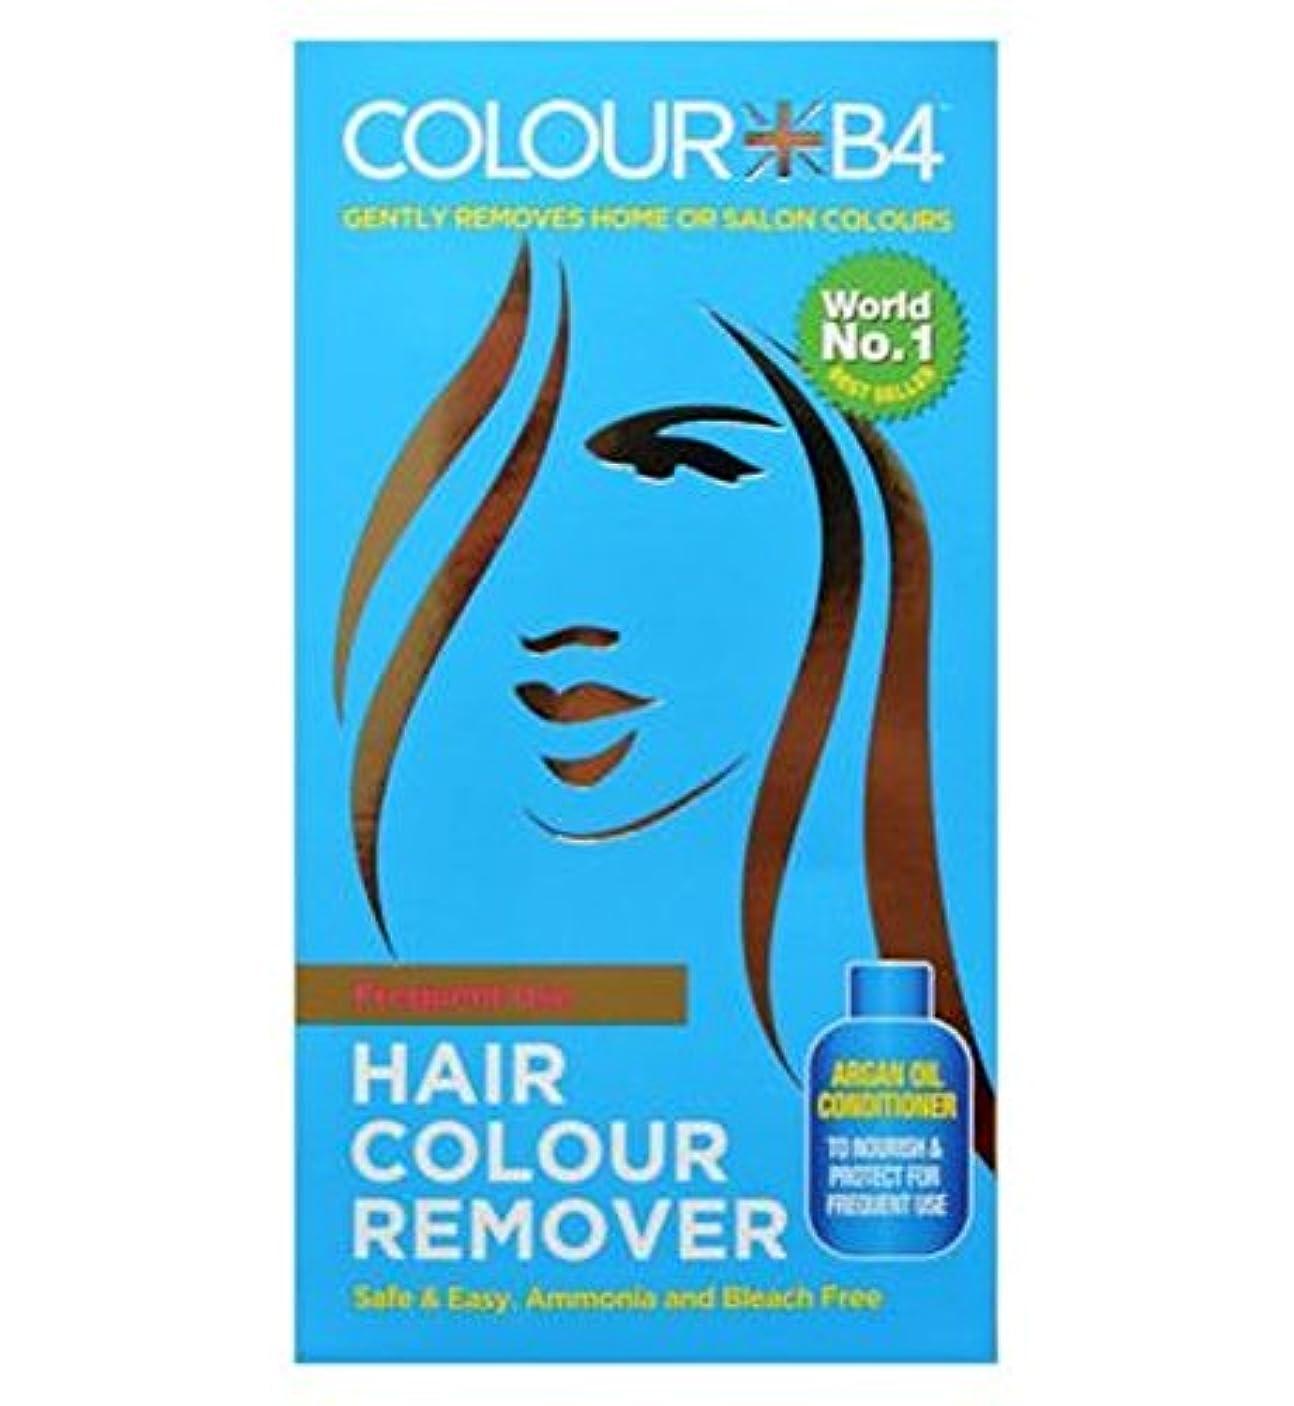 魅力的であることへのアピール不快住人カラーB4ヘアカラーリムーバーは、頻繁に使用するためにコンディショナーを含み (ColourB4) (x2) - Colour B4 Hair Colour Remover Includes Conditioner for...